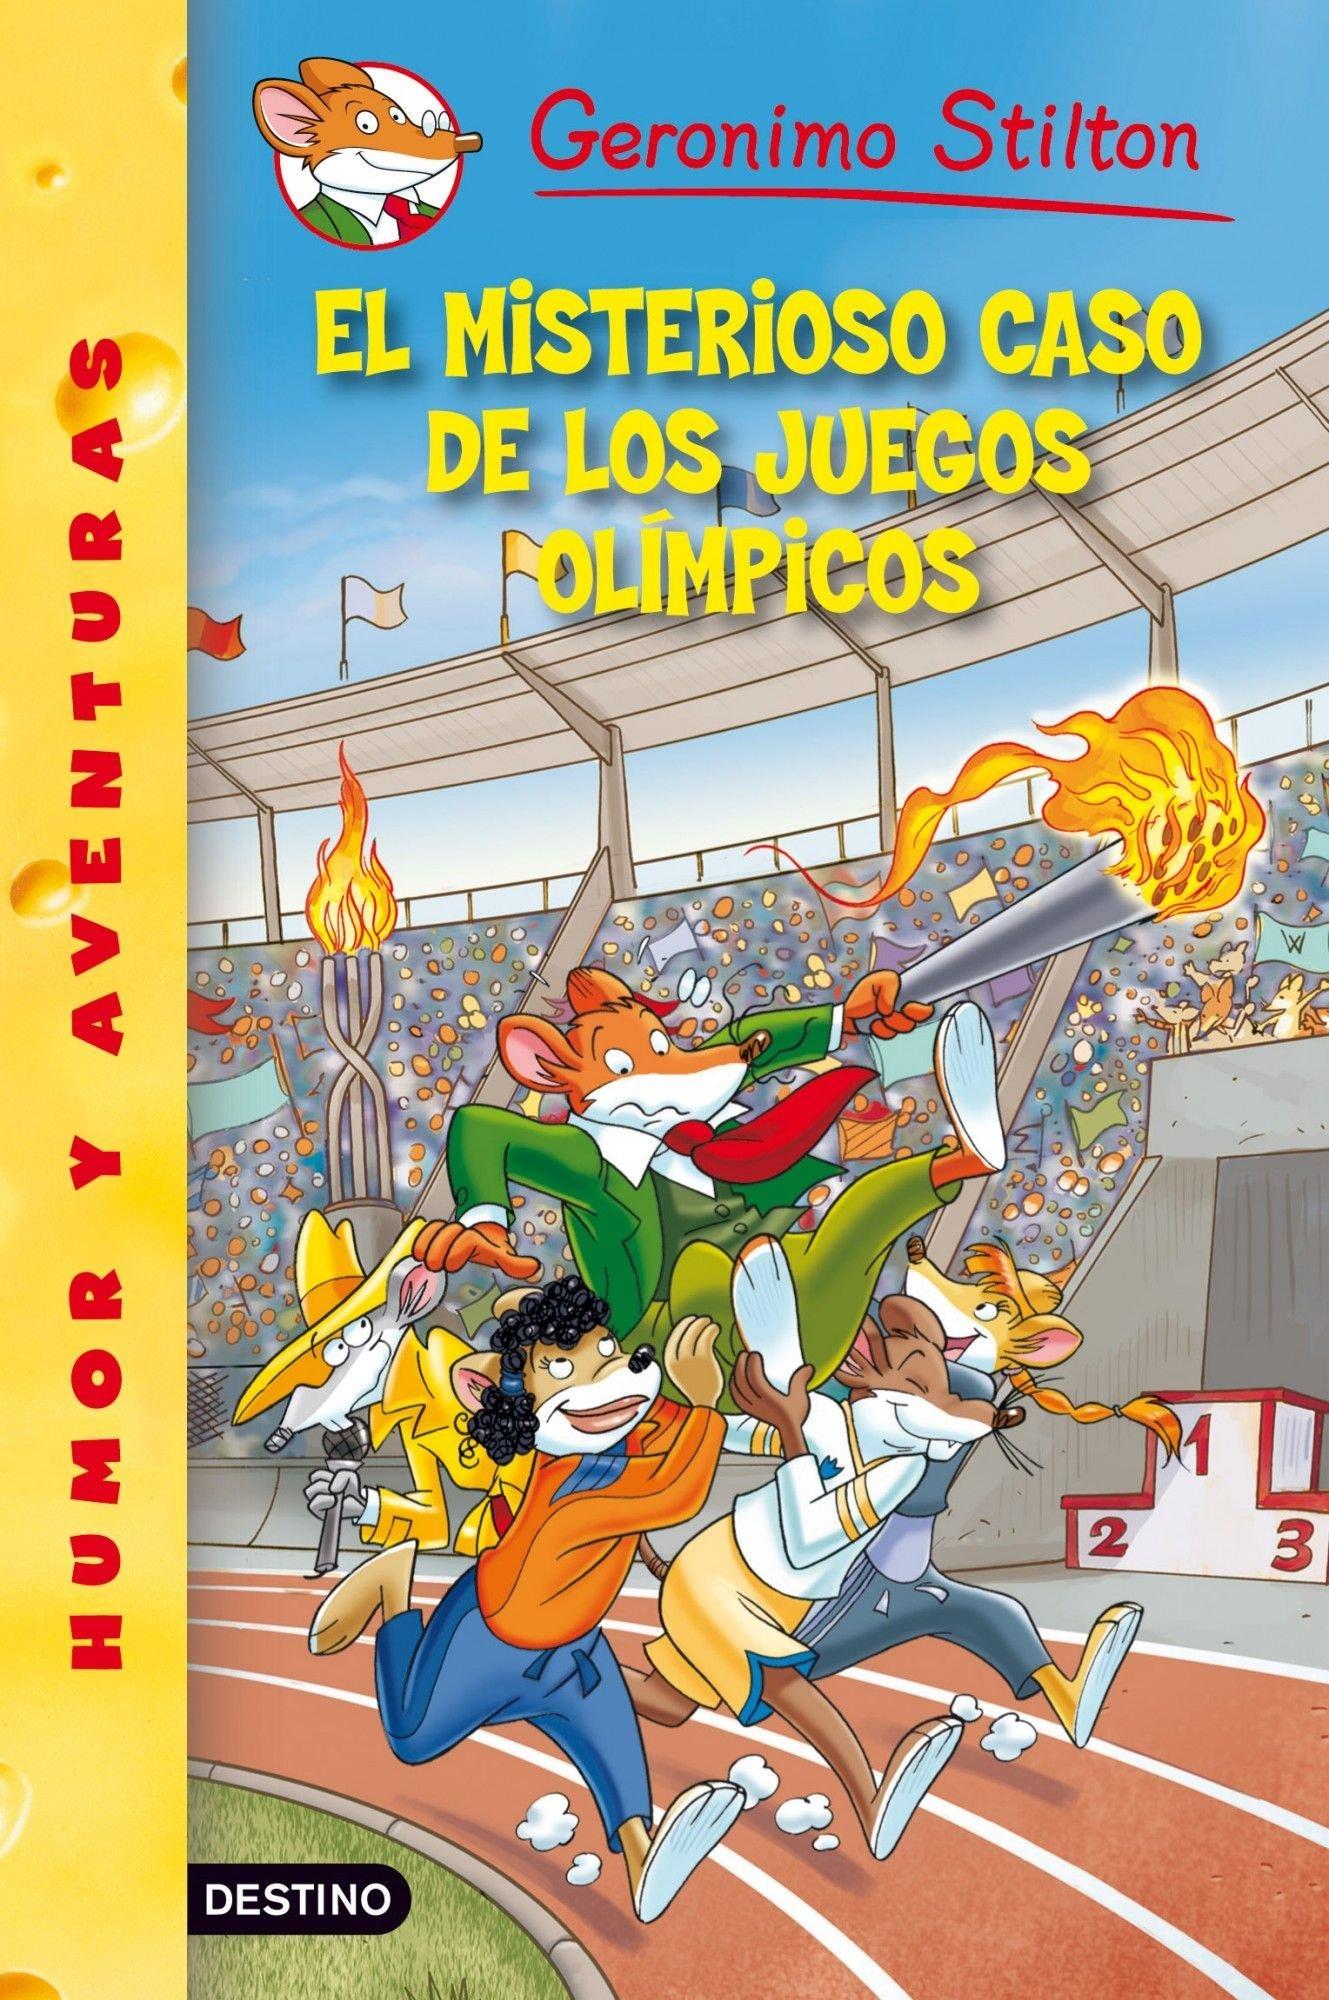 El misterioso caso de los Juegos Olímpicos: Geronimo Stilton 47: Amazon.es: Stilton, Geronimo, Martí i Viudes, Manel: Libros